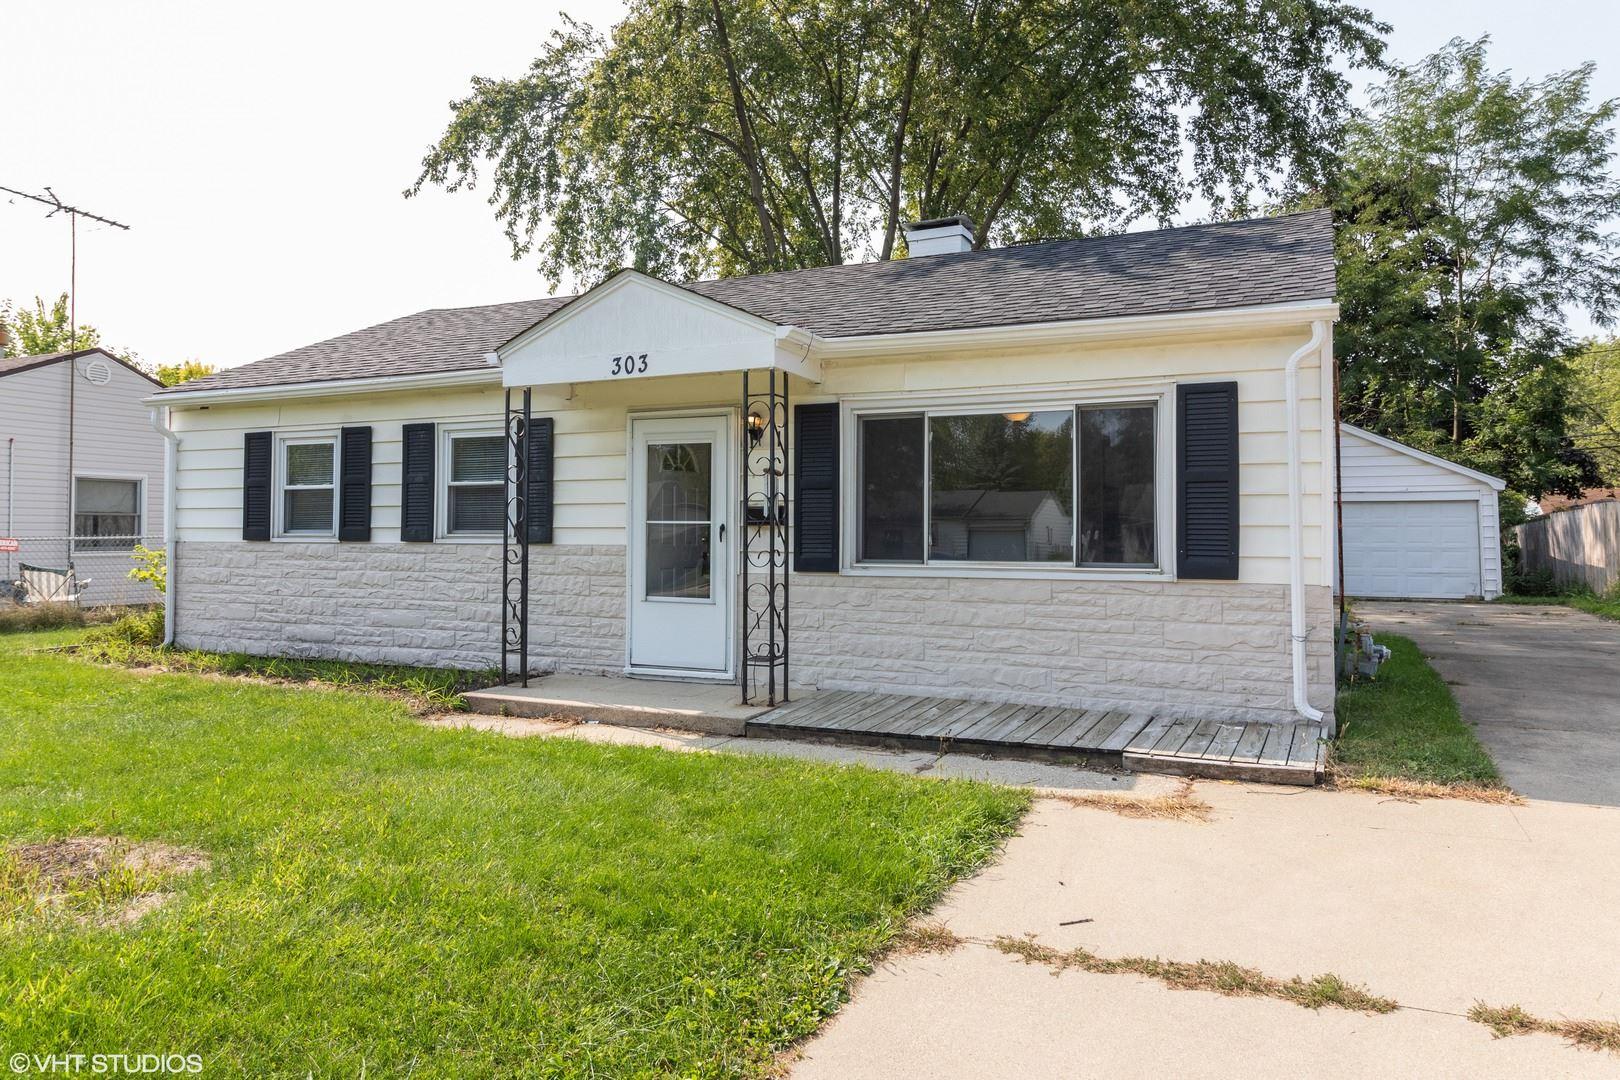 Photo of 303 S Hammes Avenue, Joliet, IL 60436 (MLS # 10858292)